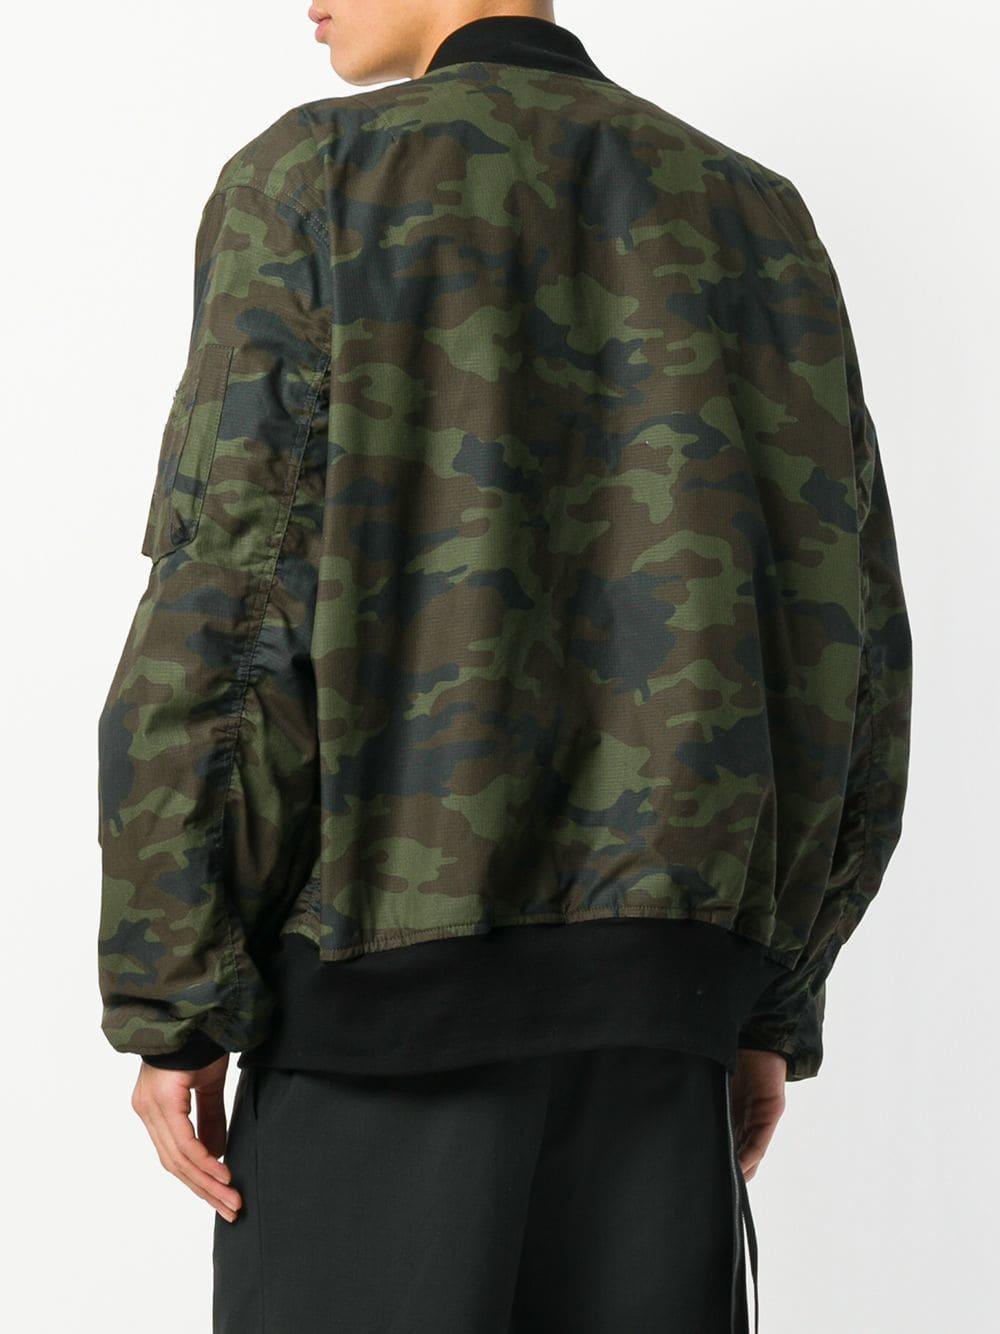 Unravel Project Katoen Bomberjack Met Camouflageprint in het Groen voor heren